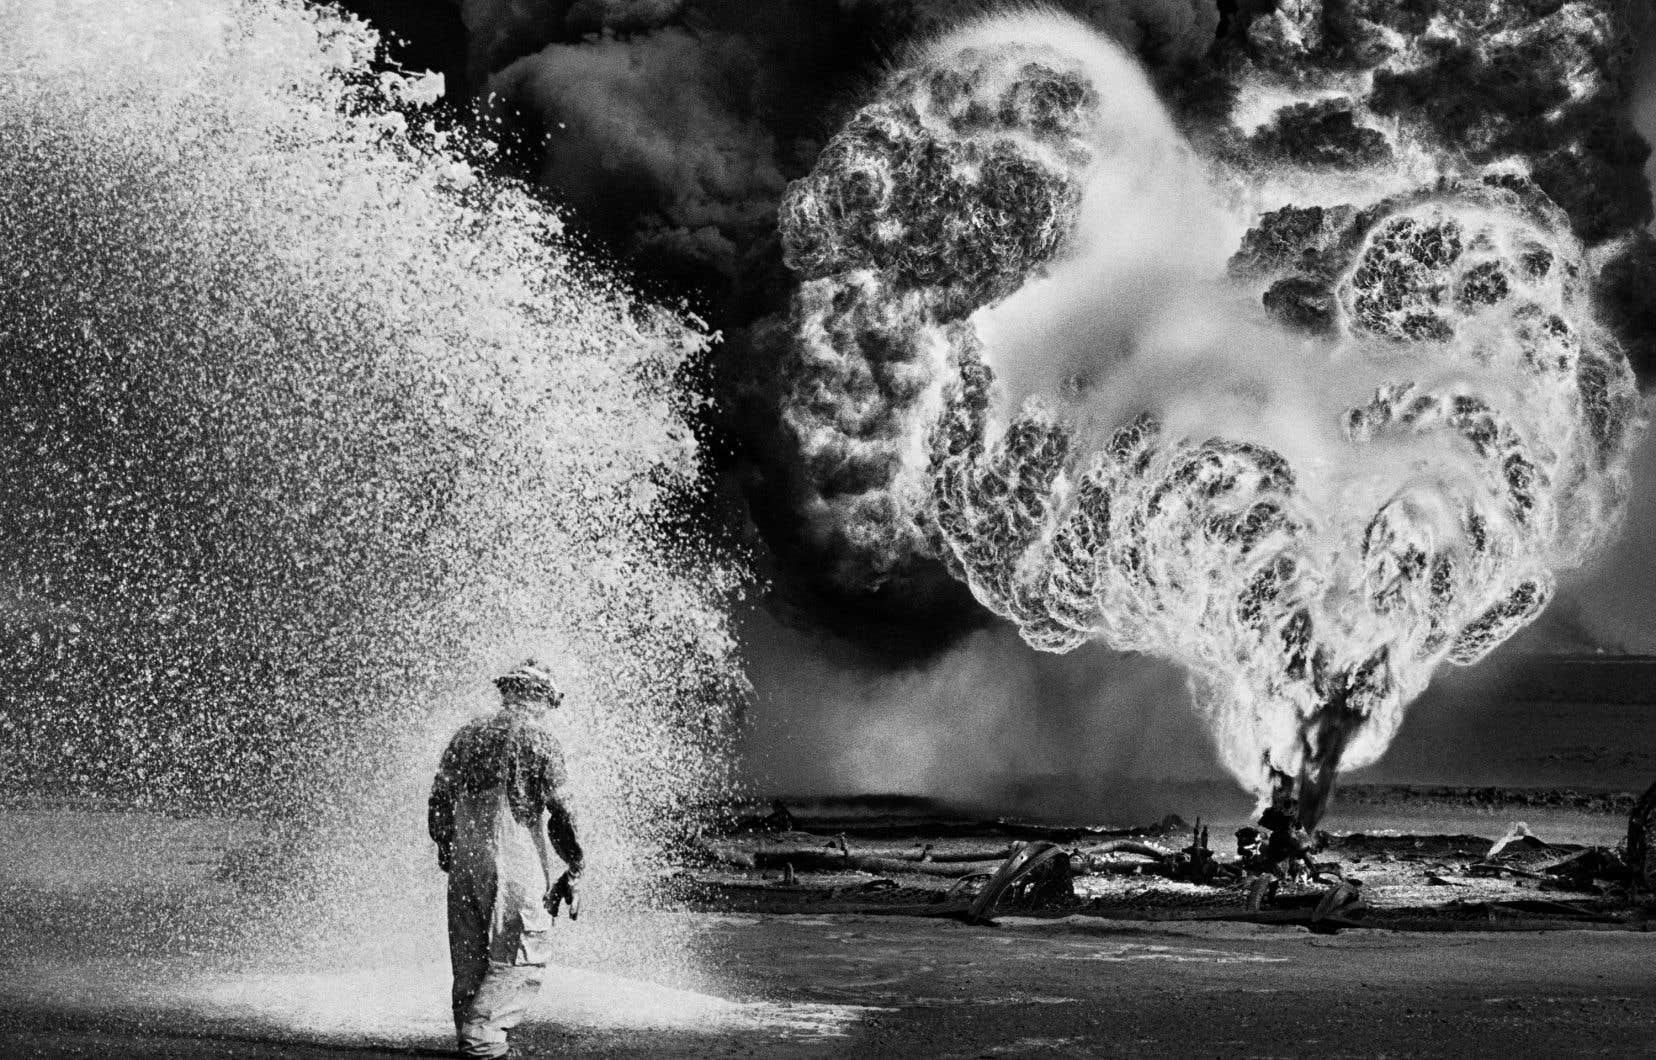 Une photo de Sebastiao Salgado dans «Le sel de la terre» de Wim Wenders